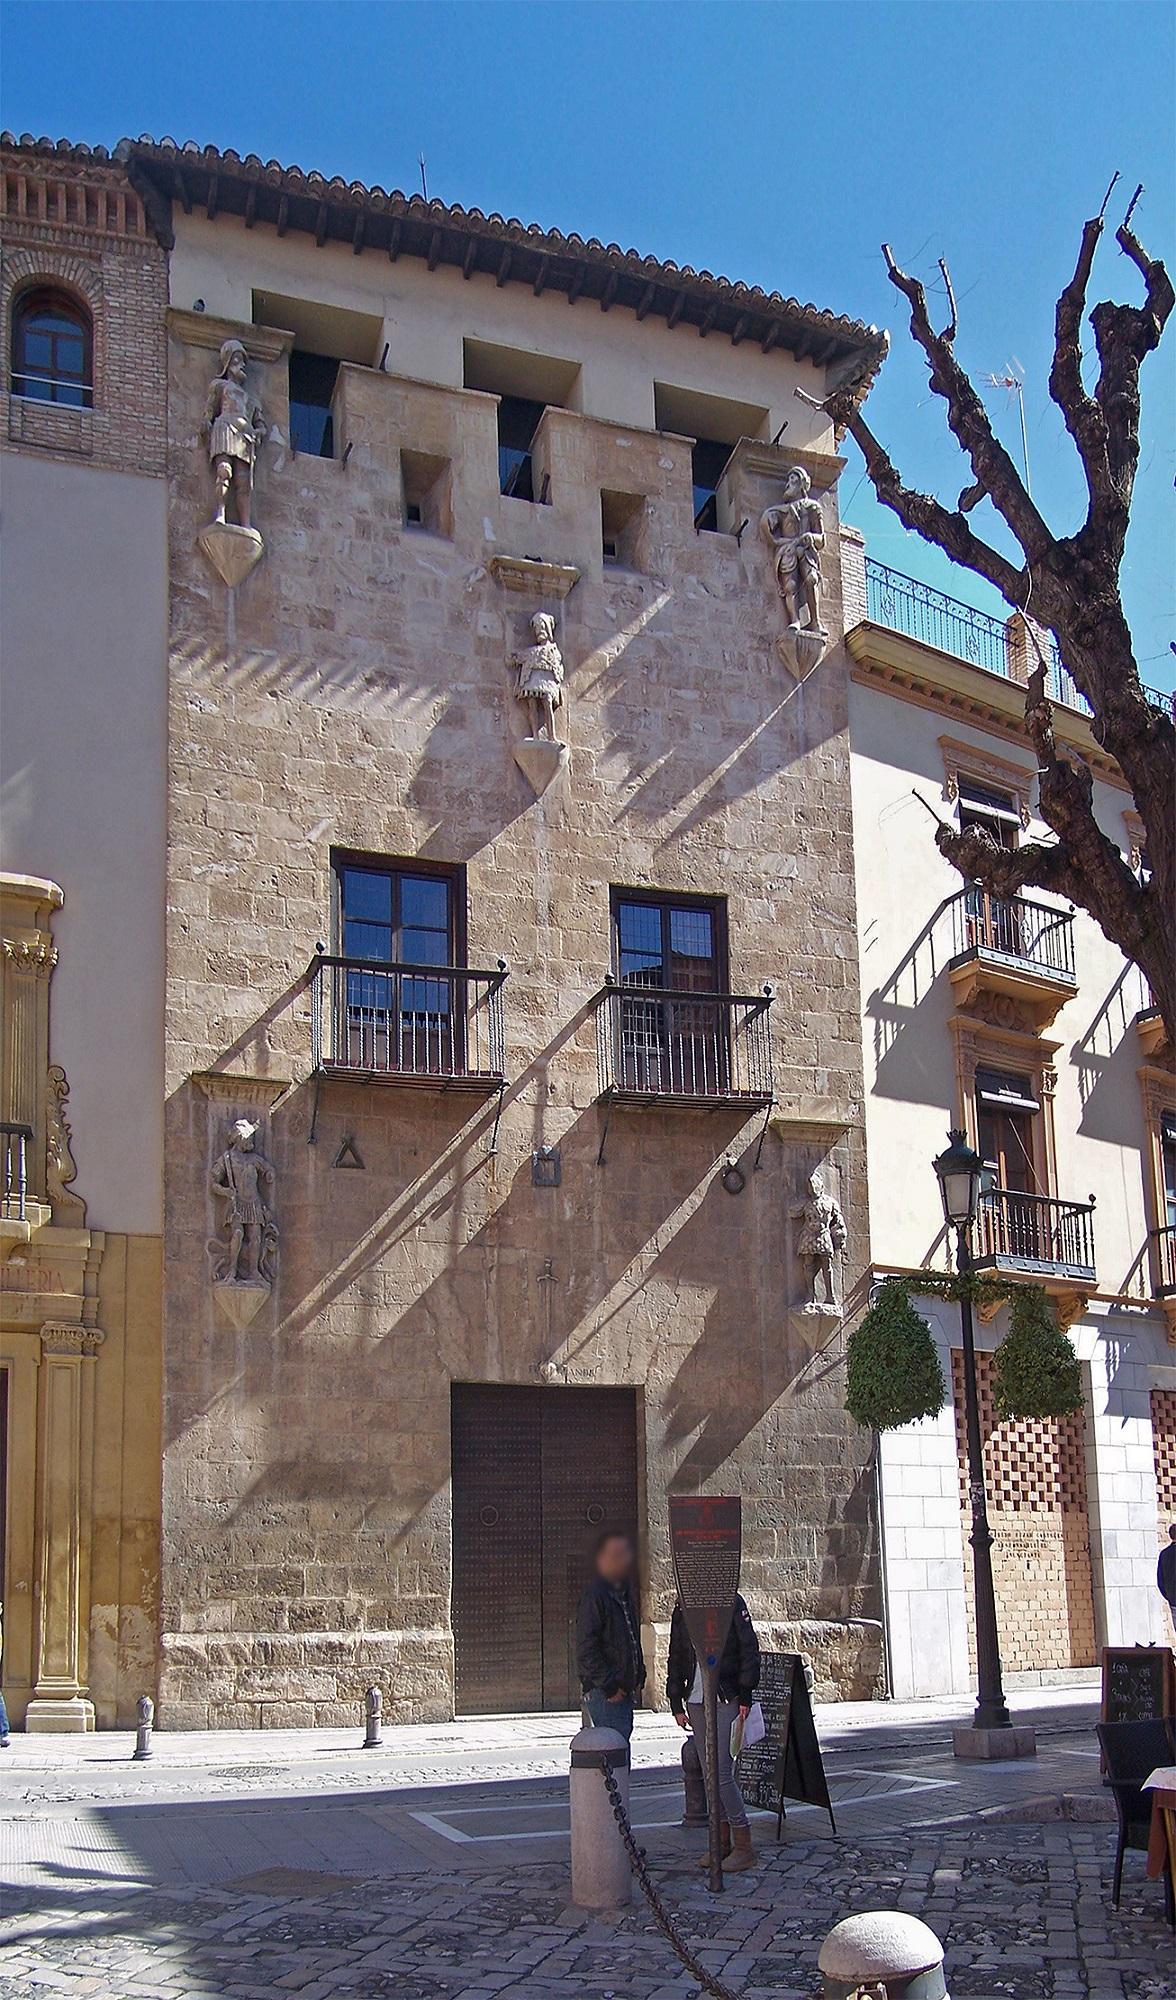 Granada venegas wikipedia la enciclopedia libre - La casa de las mamparas granada ...